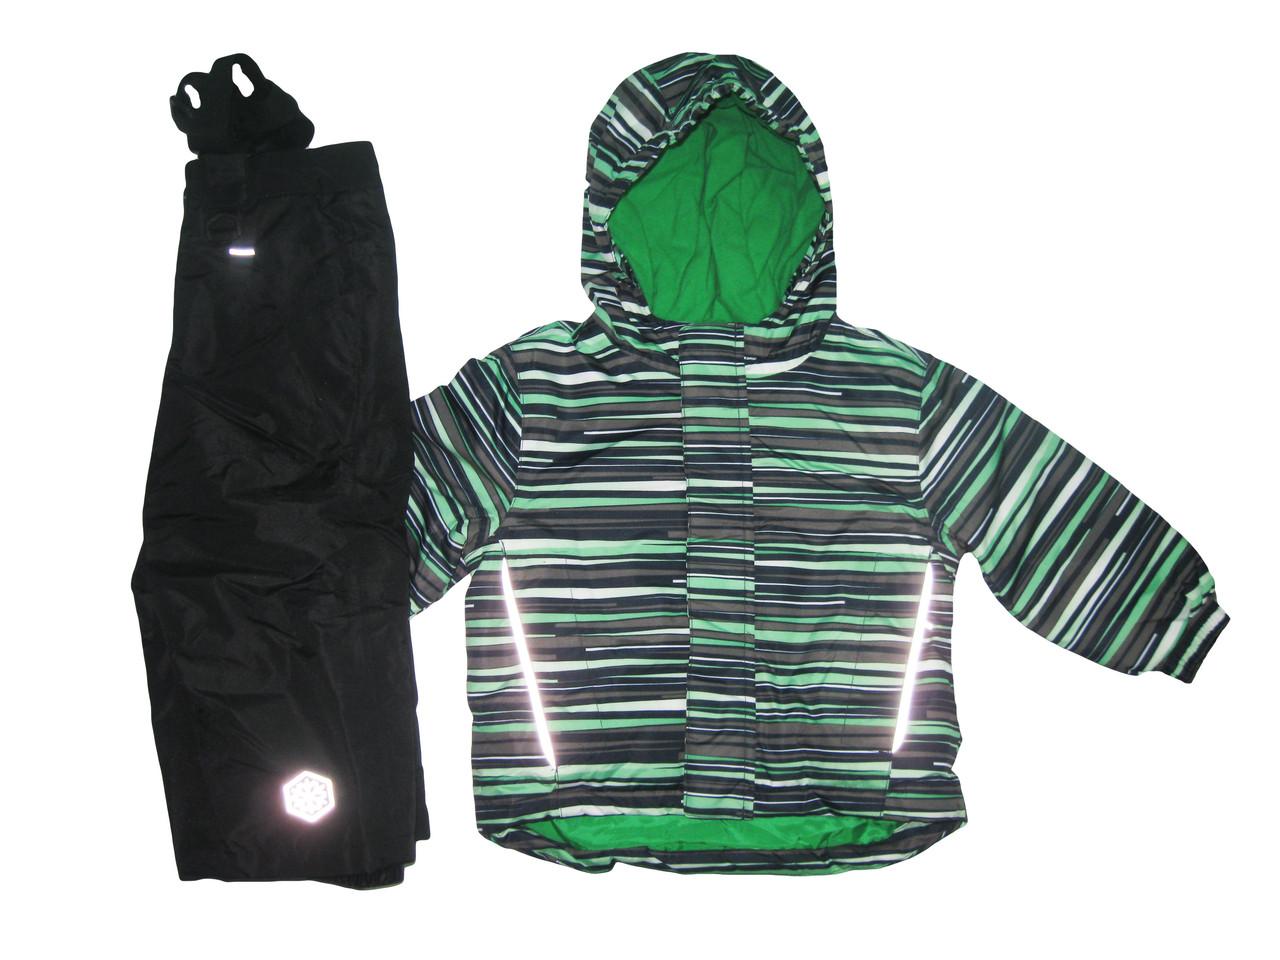 Комбинезон с курткой для мальчика, Lupilu, размеры 86/92, арт. Л-221